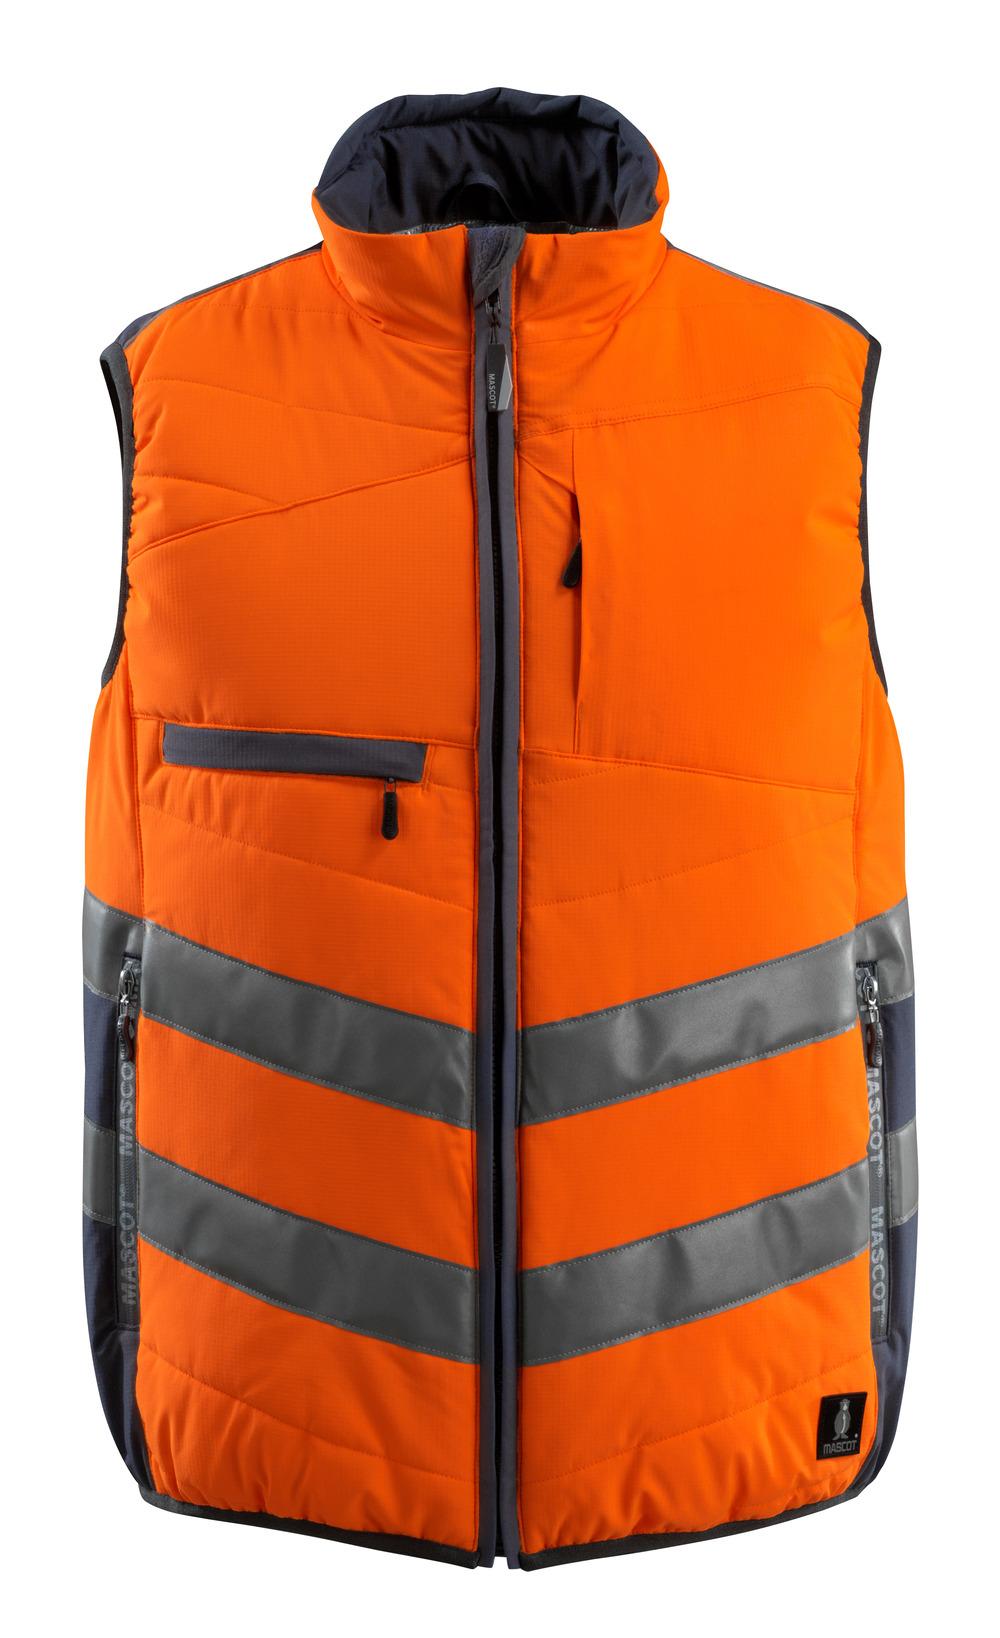 15565-249-14010 Talviliivi - hi-vis oranssi/tumma laivastonsininen